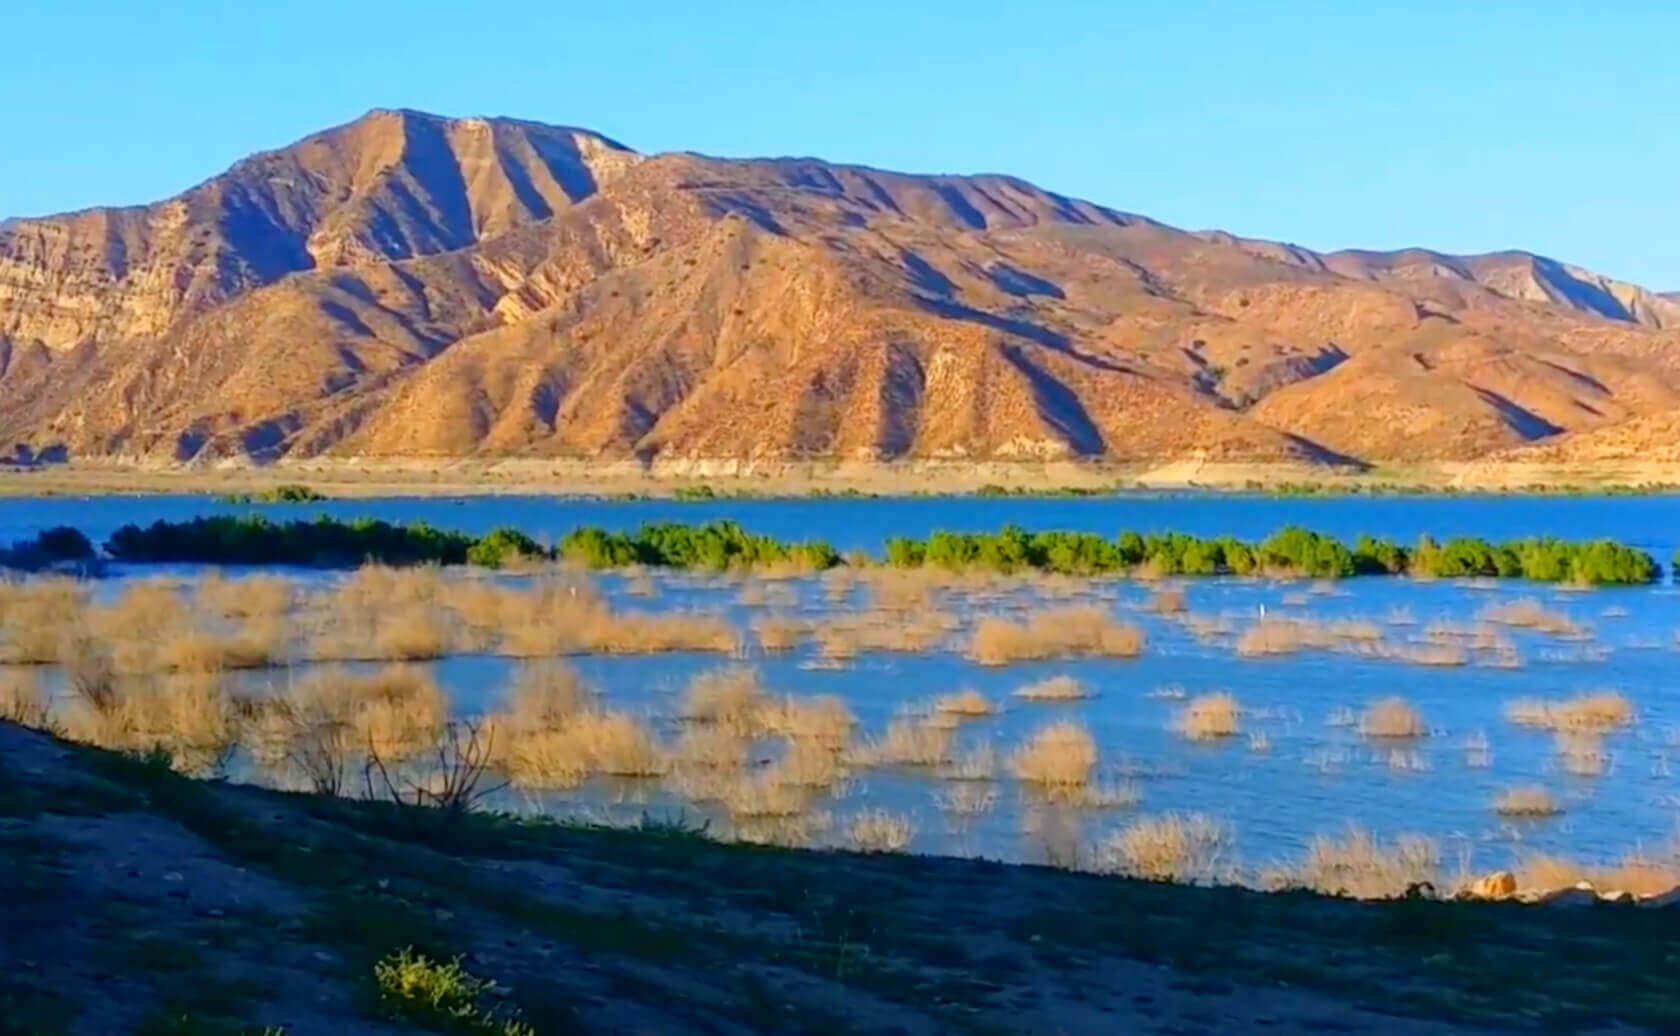 Piru-Lake-Fishing-Guide-Report-California-01